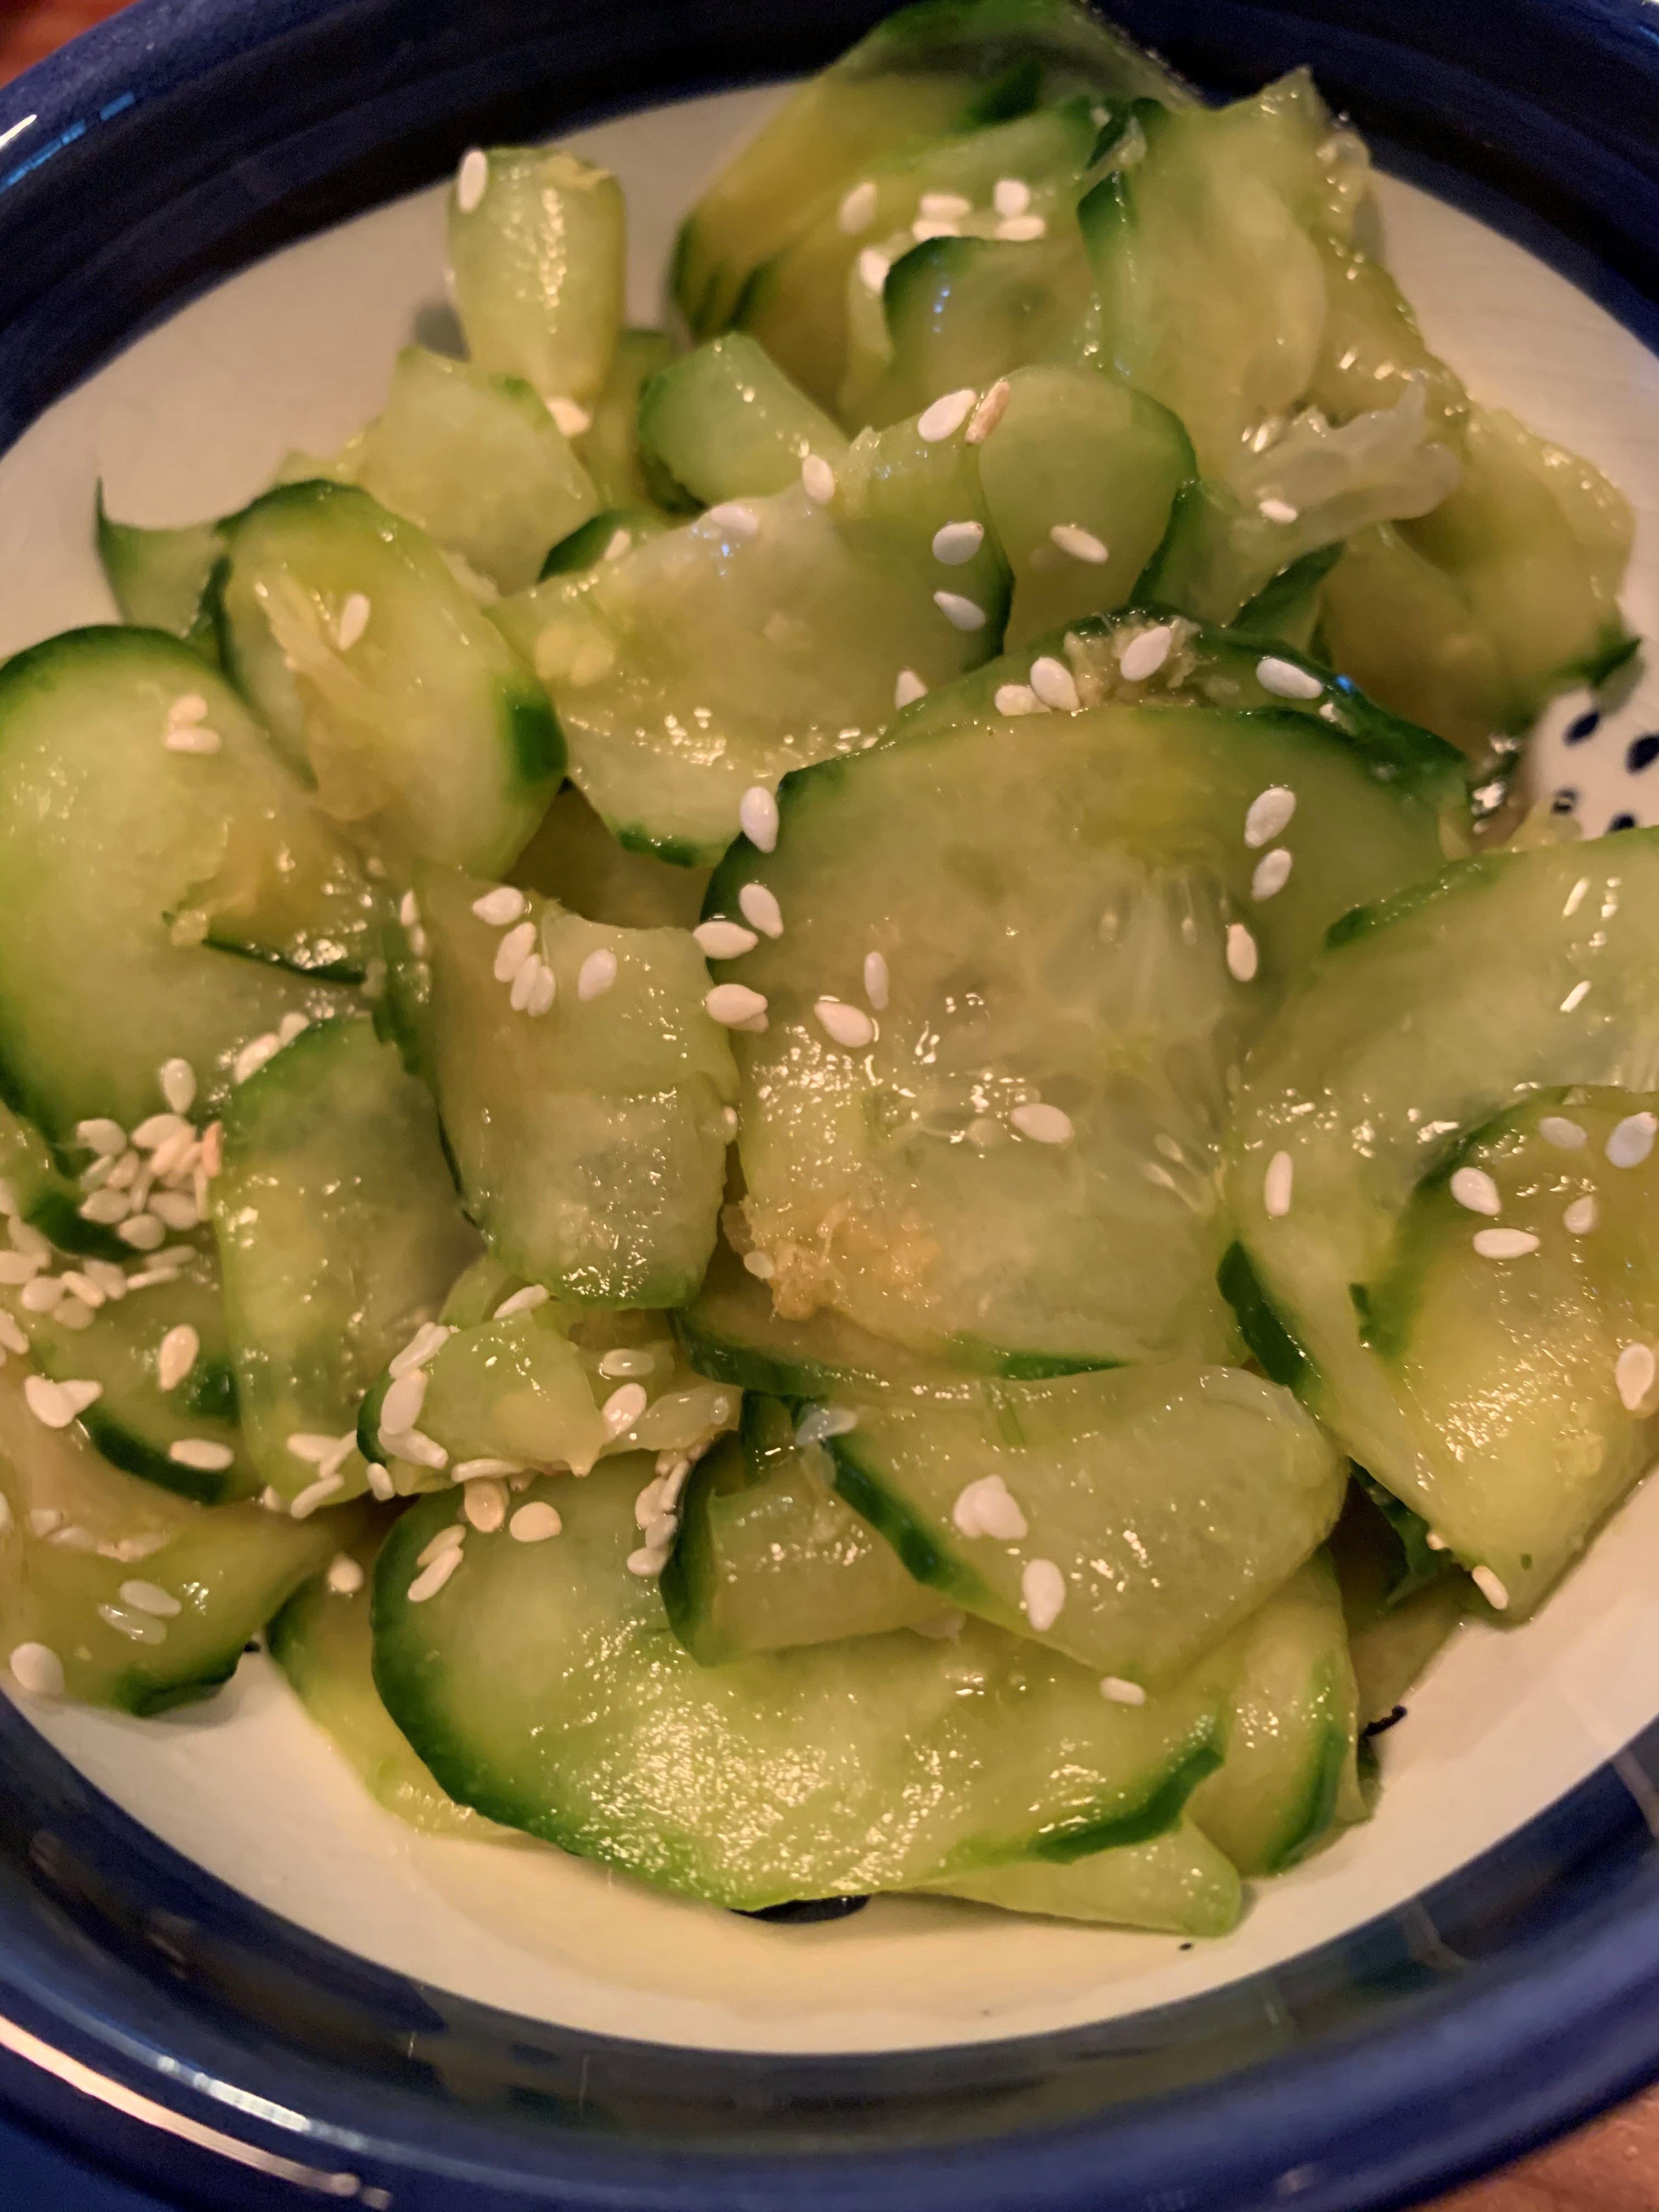 Japanese Cucumber Sunomono Marianne